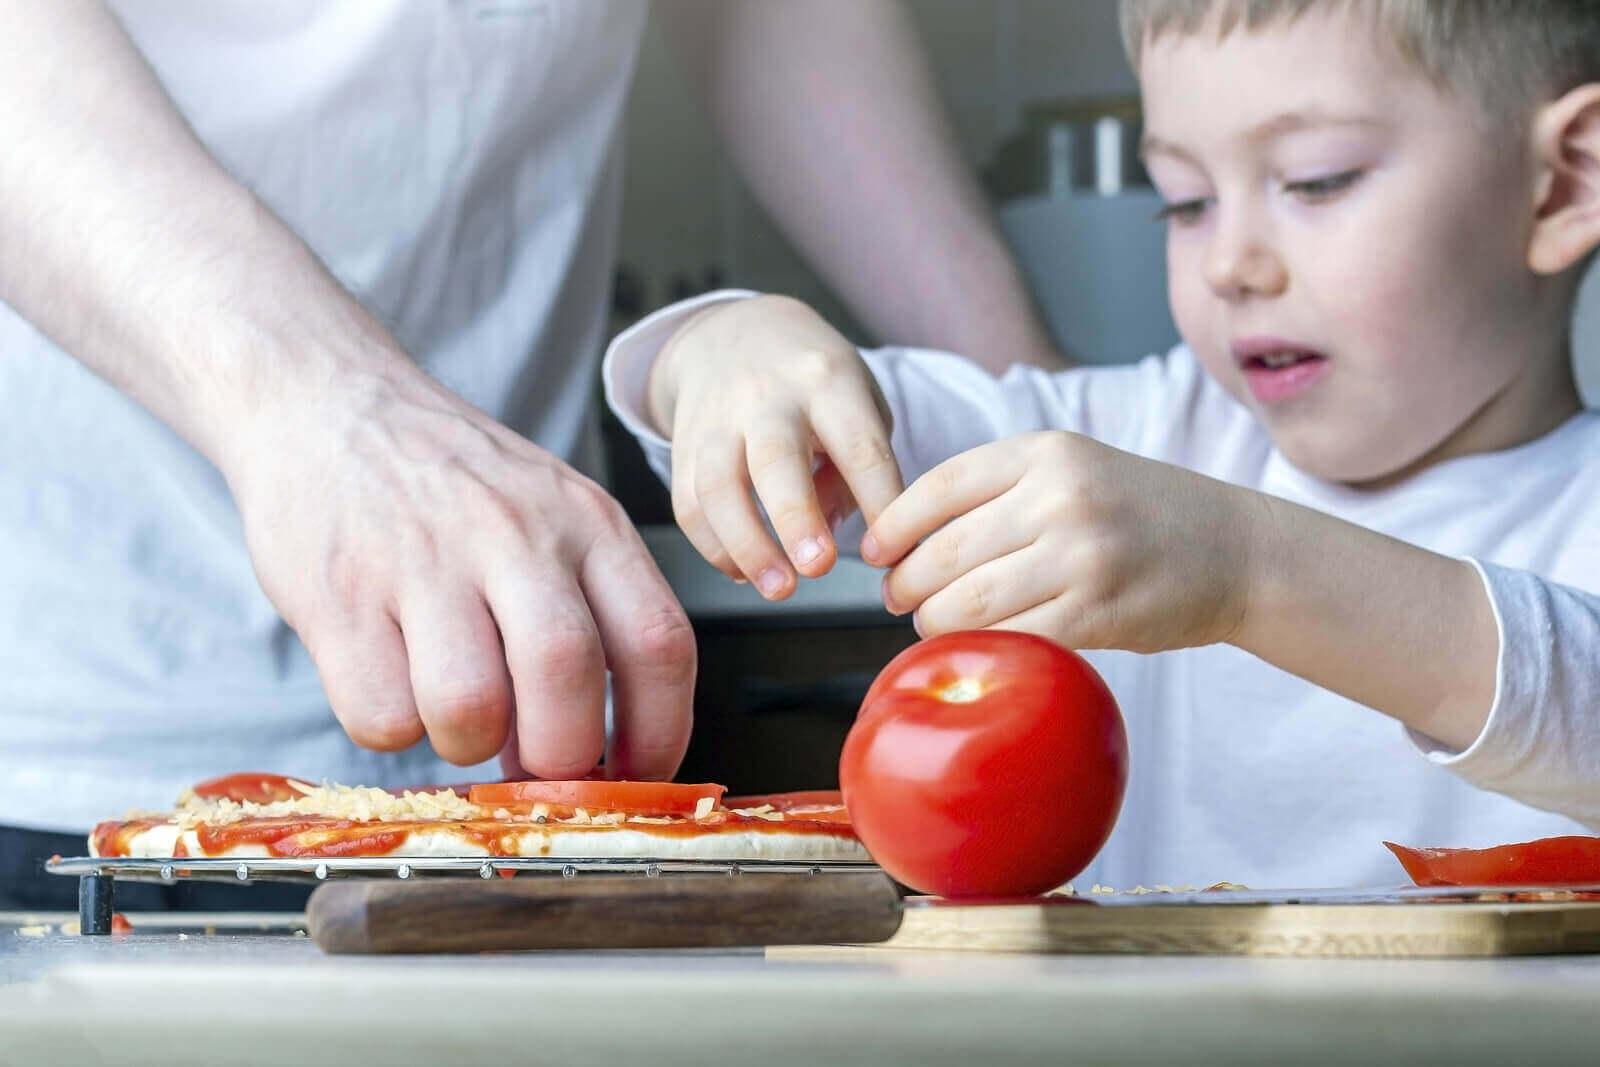 요리 활동이 어린이에게 이로운 이유